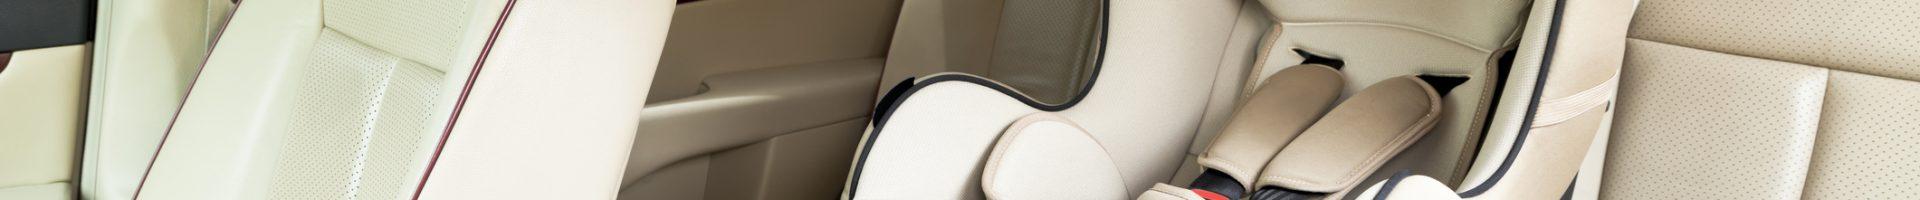 Z jakich gatunków skóry wykonuje się pokrowce do samochodów?